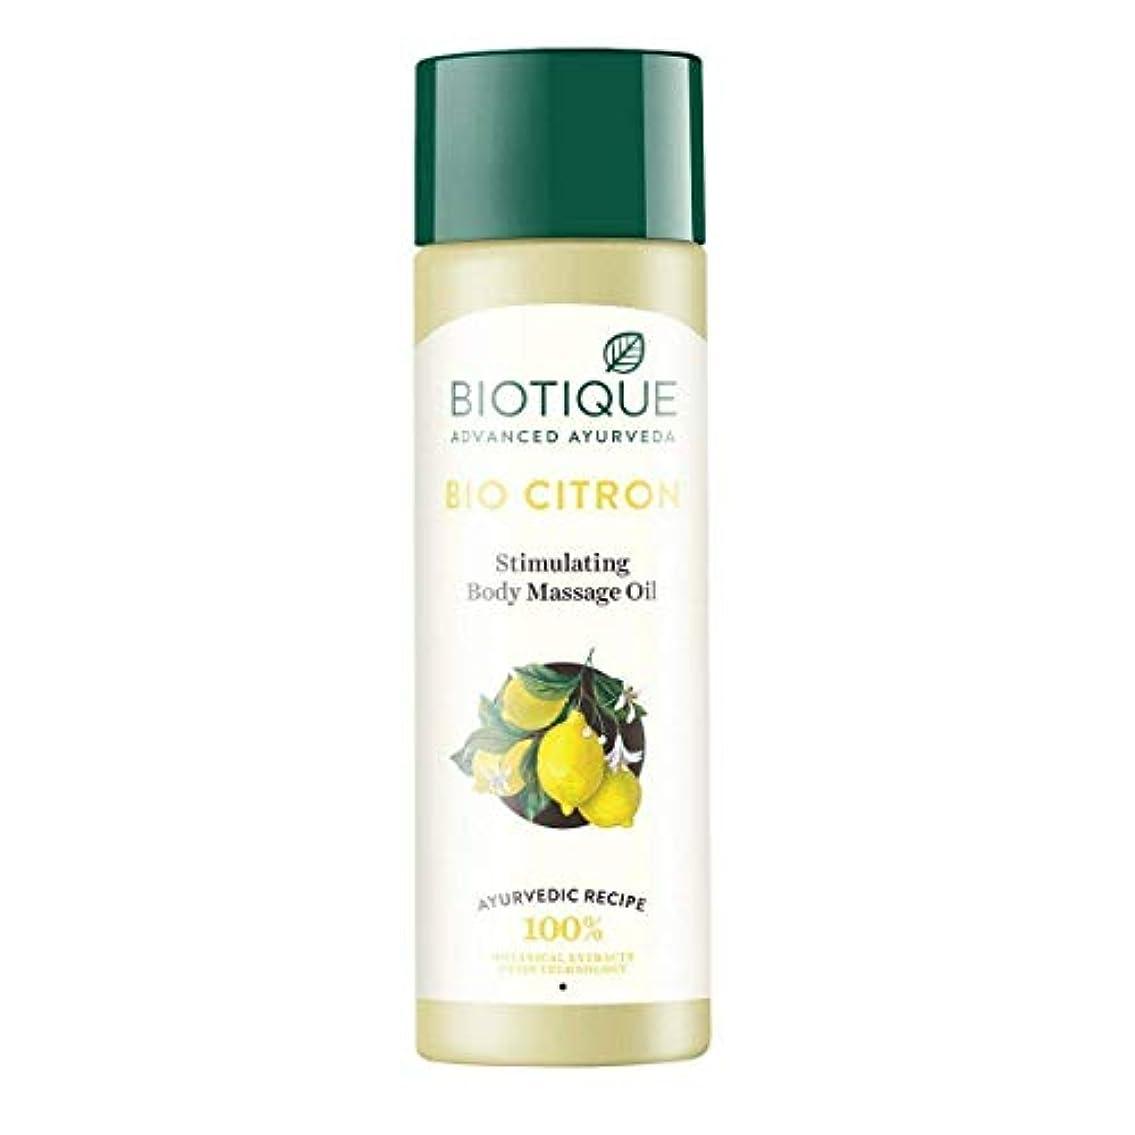 カウボーイ怪しい赤Biotique Bio Citron Stimulating Body Massage Oil, 200ml rich in vitamin Biotique バイオシトロン刺激ボディマッサージオイル、ビタミン